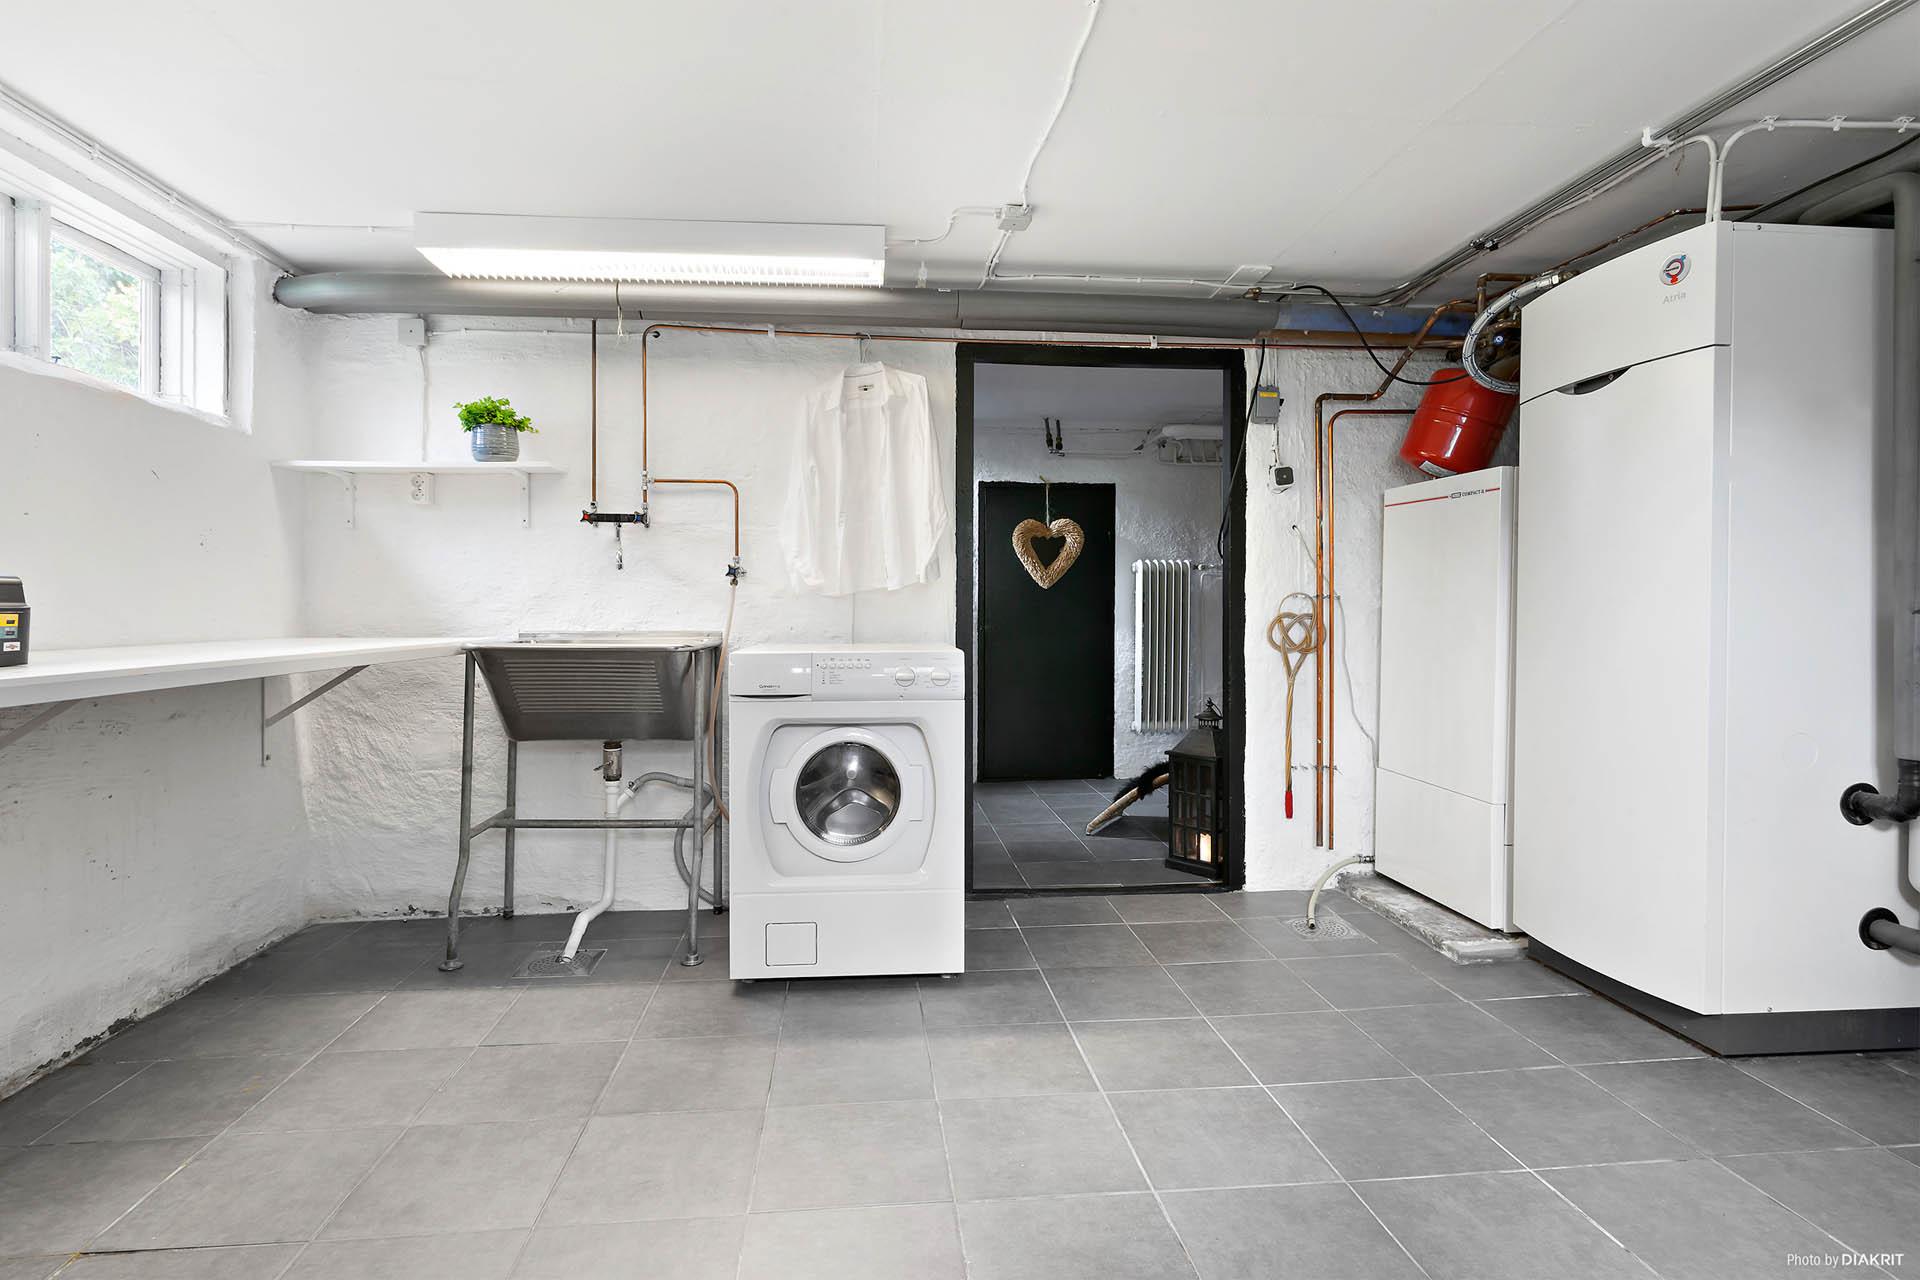 Hobbyrum, pannrum och tvättstuga